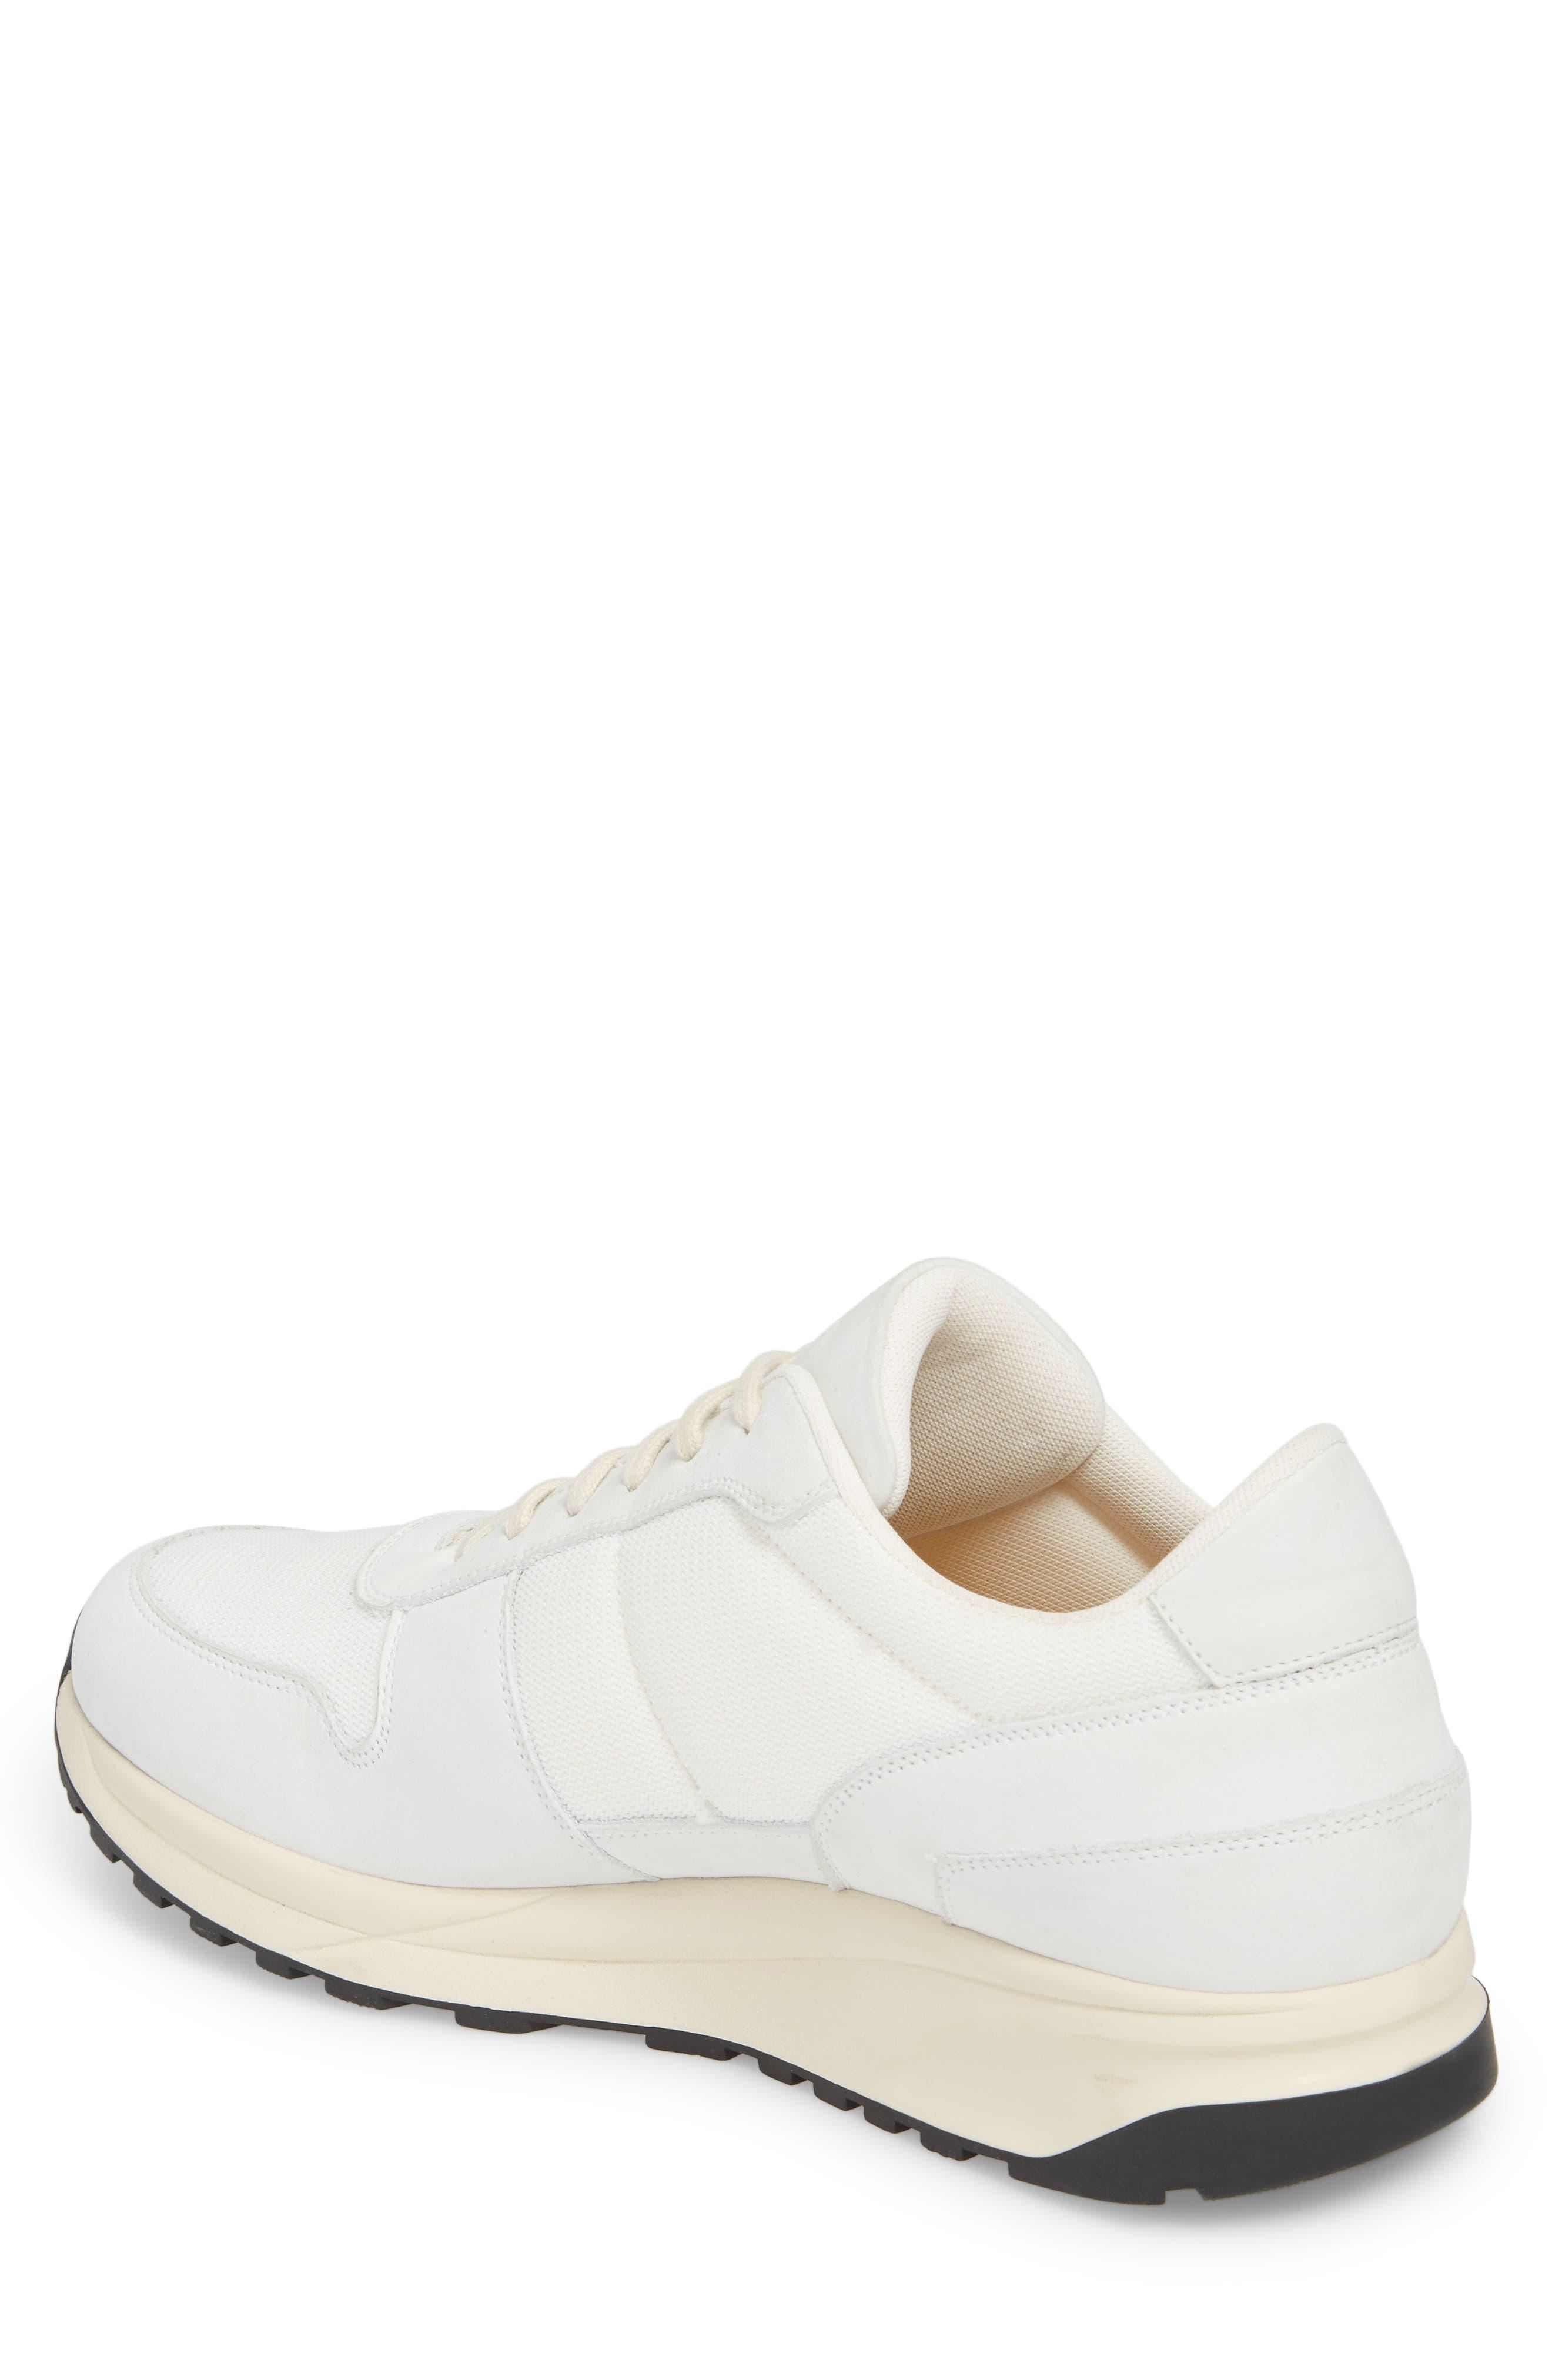 Track Vintage Sneaker,                             Alternate thumbnail 2, color,                             WHITE